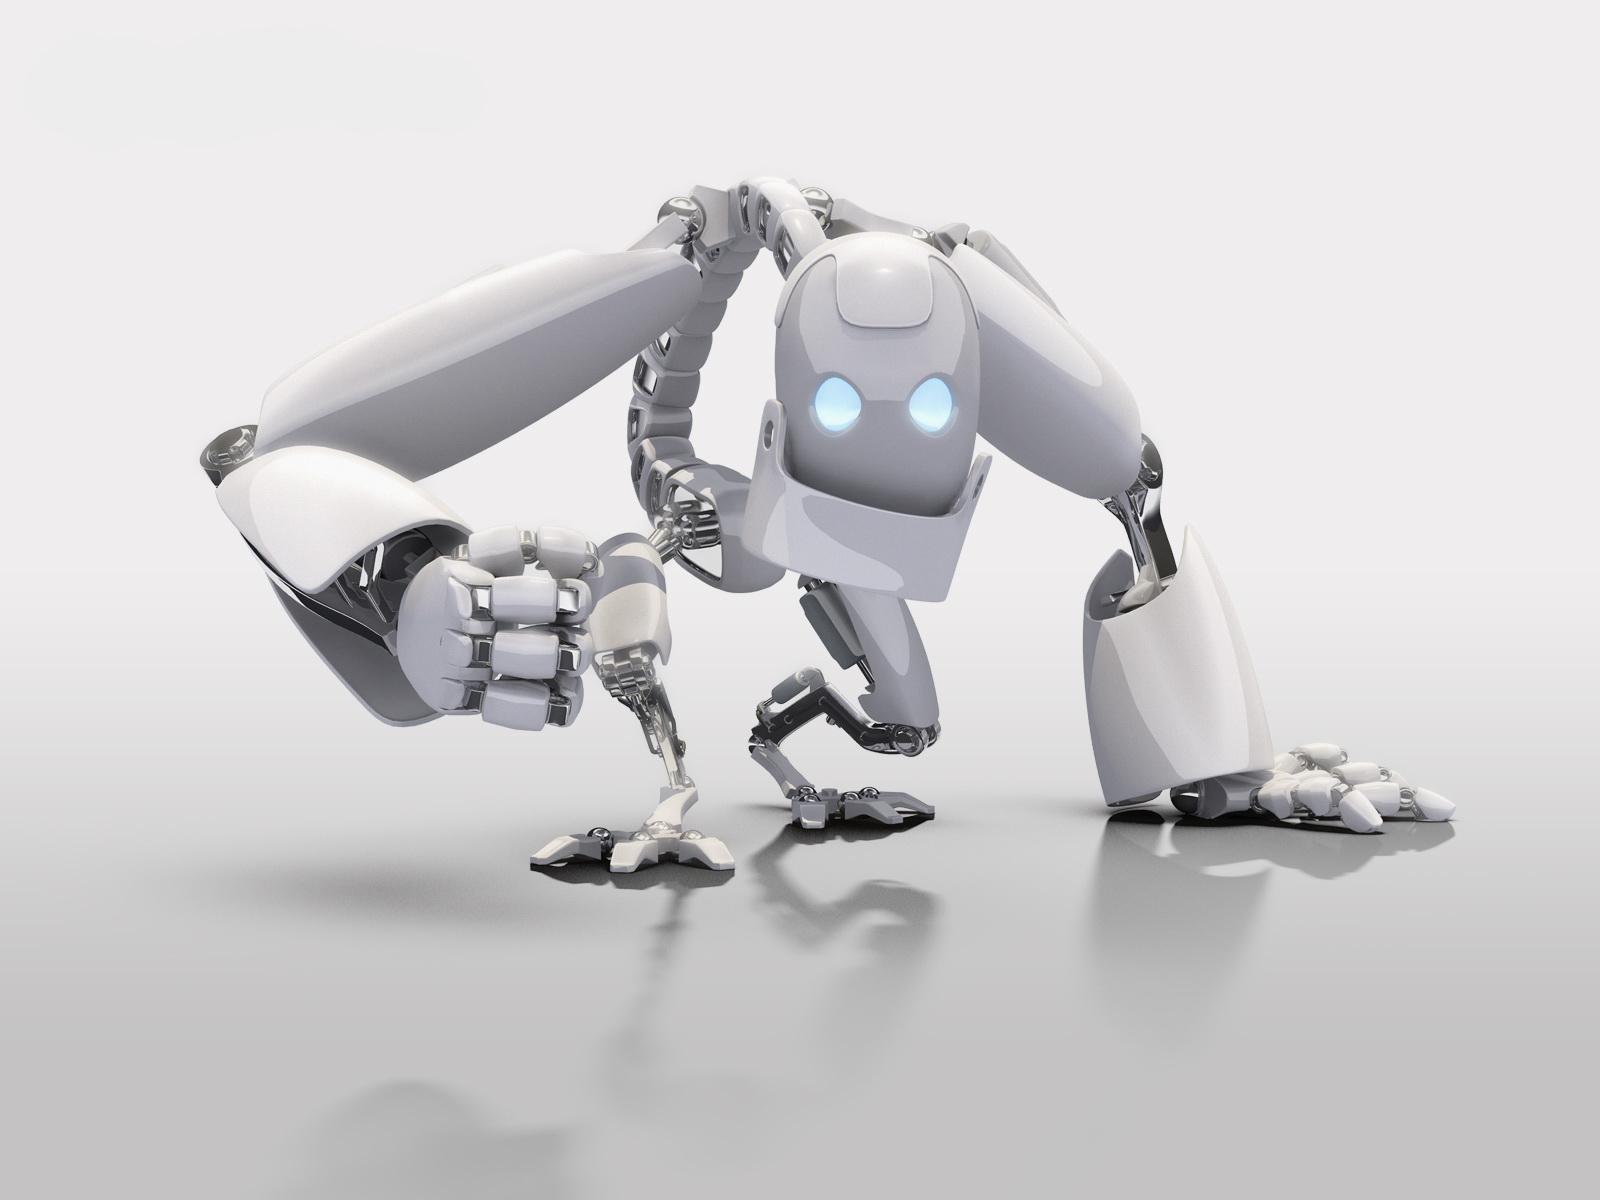 Картинки рабочие роботы